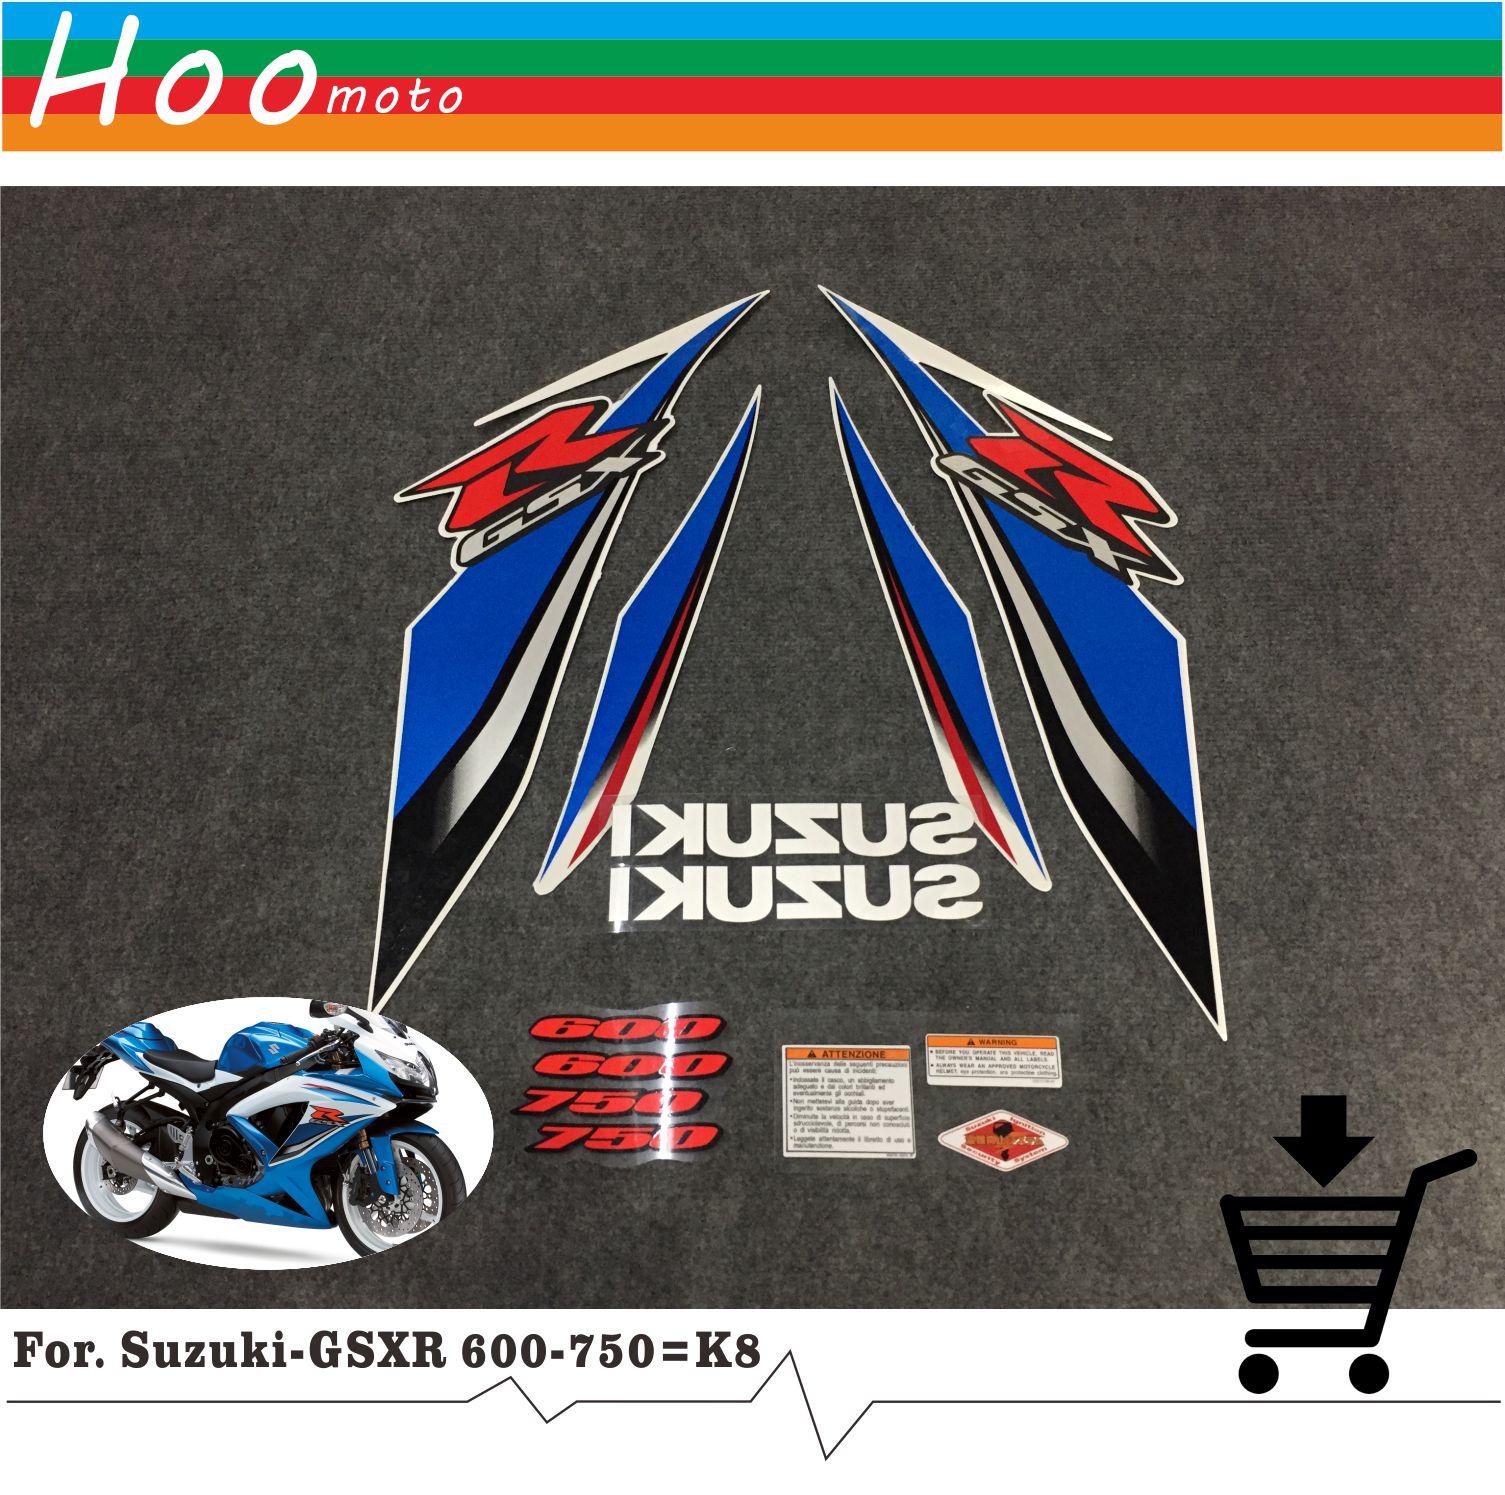 GSXR GSX-R GSX R 600 750 K8 08 years High Quality Decals Sticker Motorcycle Car-styling Stickers for Suzuki Decals Sticker MOTO<br>